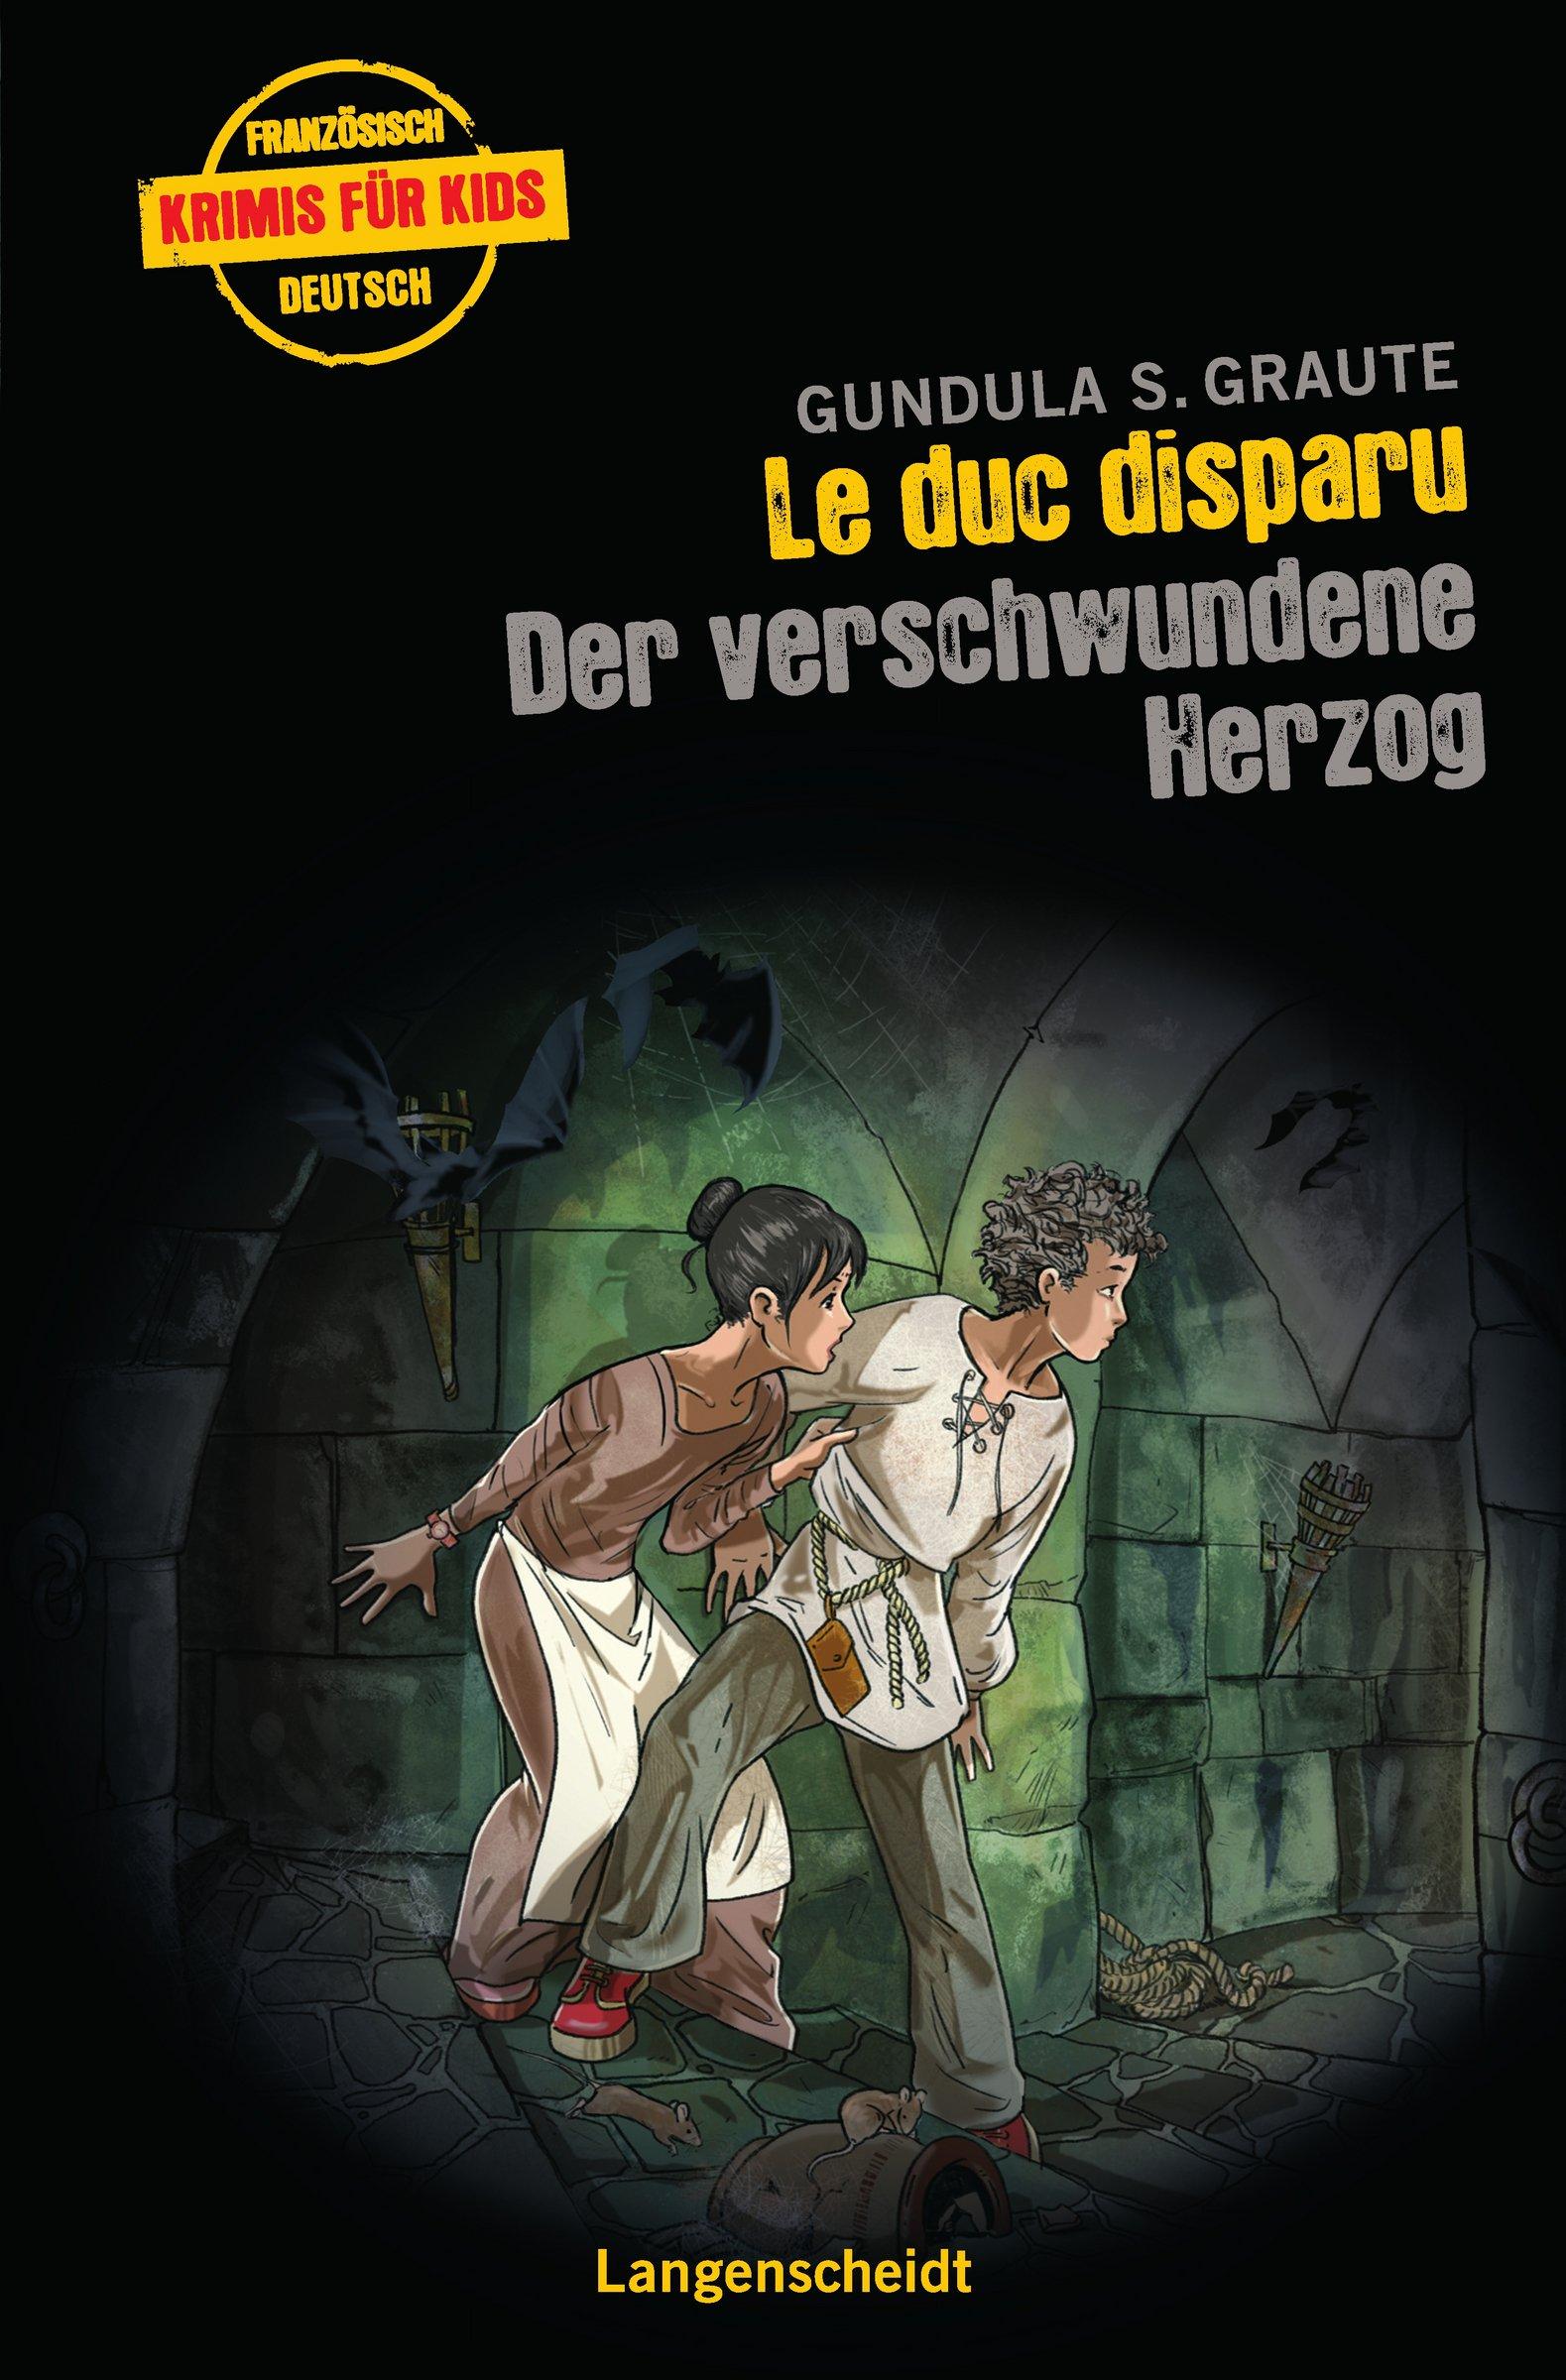 Le duc disparu - Der verschwundene Herzog (Französische Krimis für Kids)